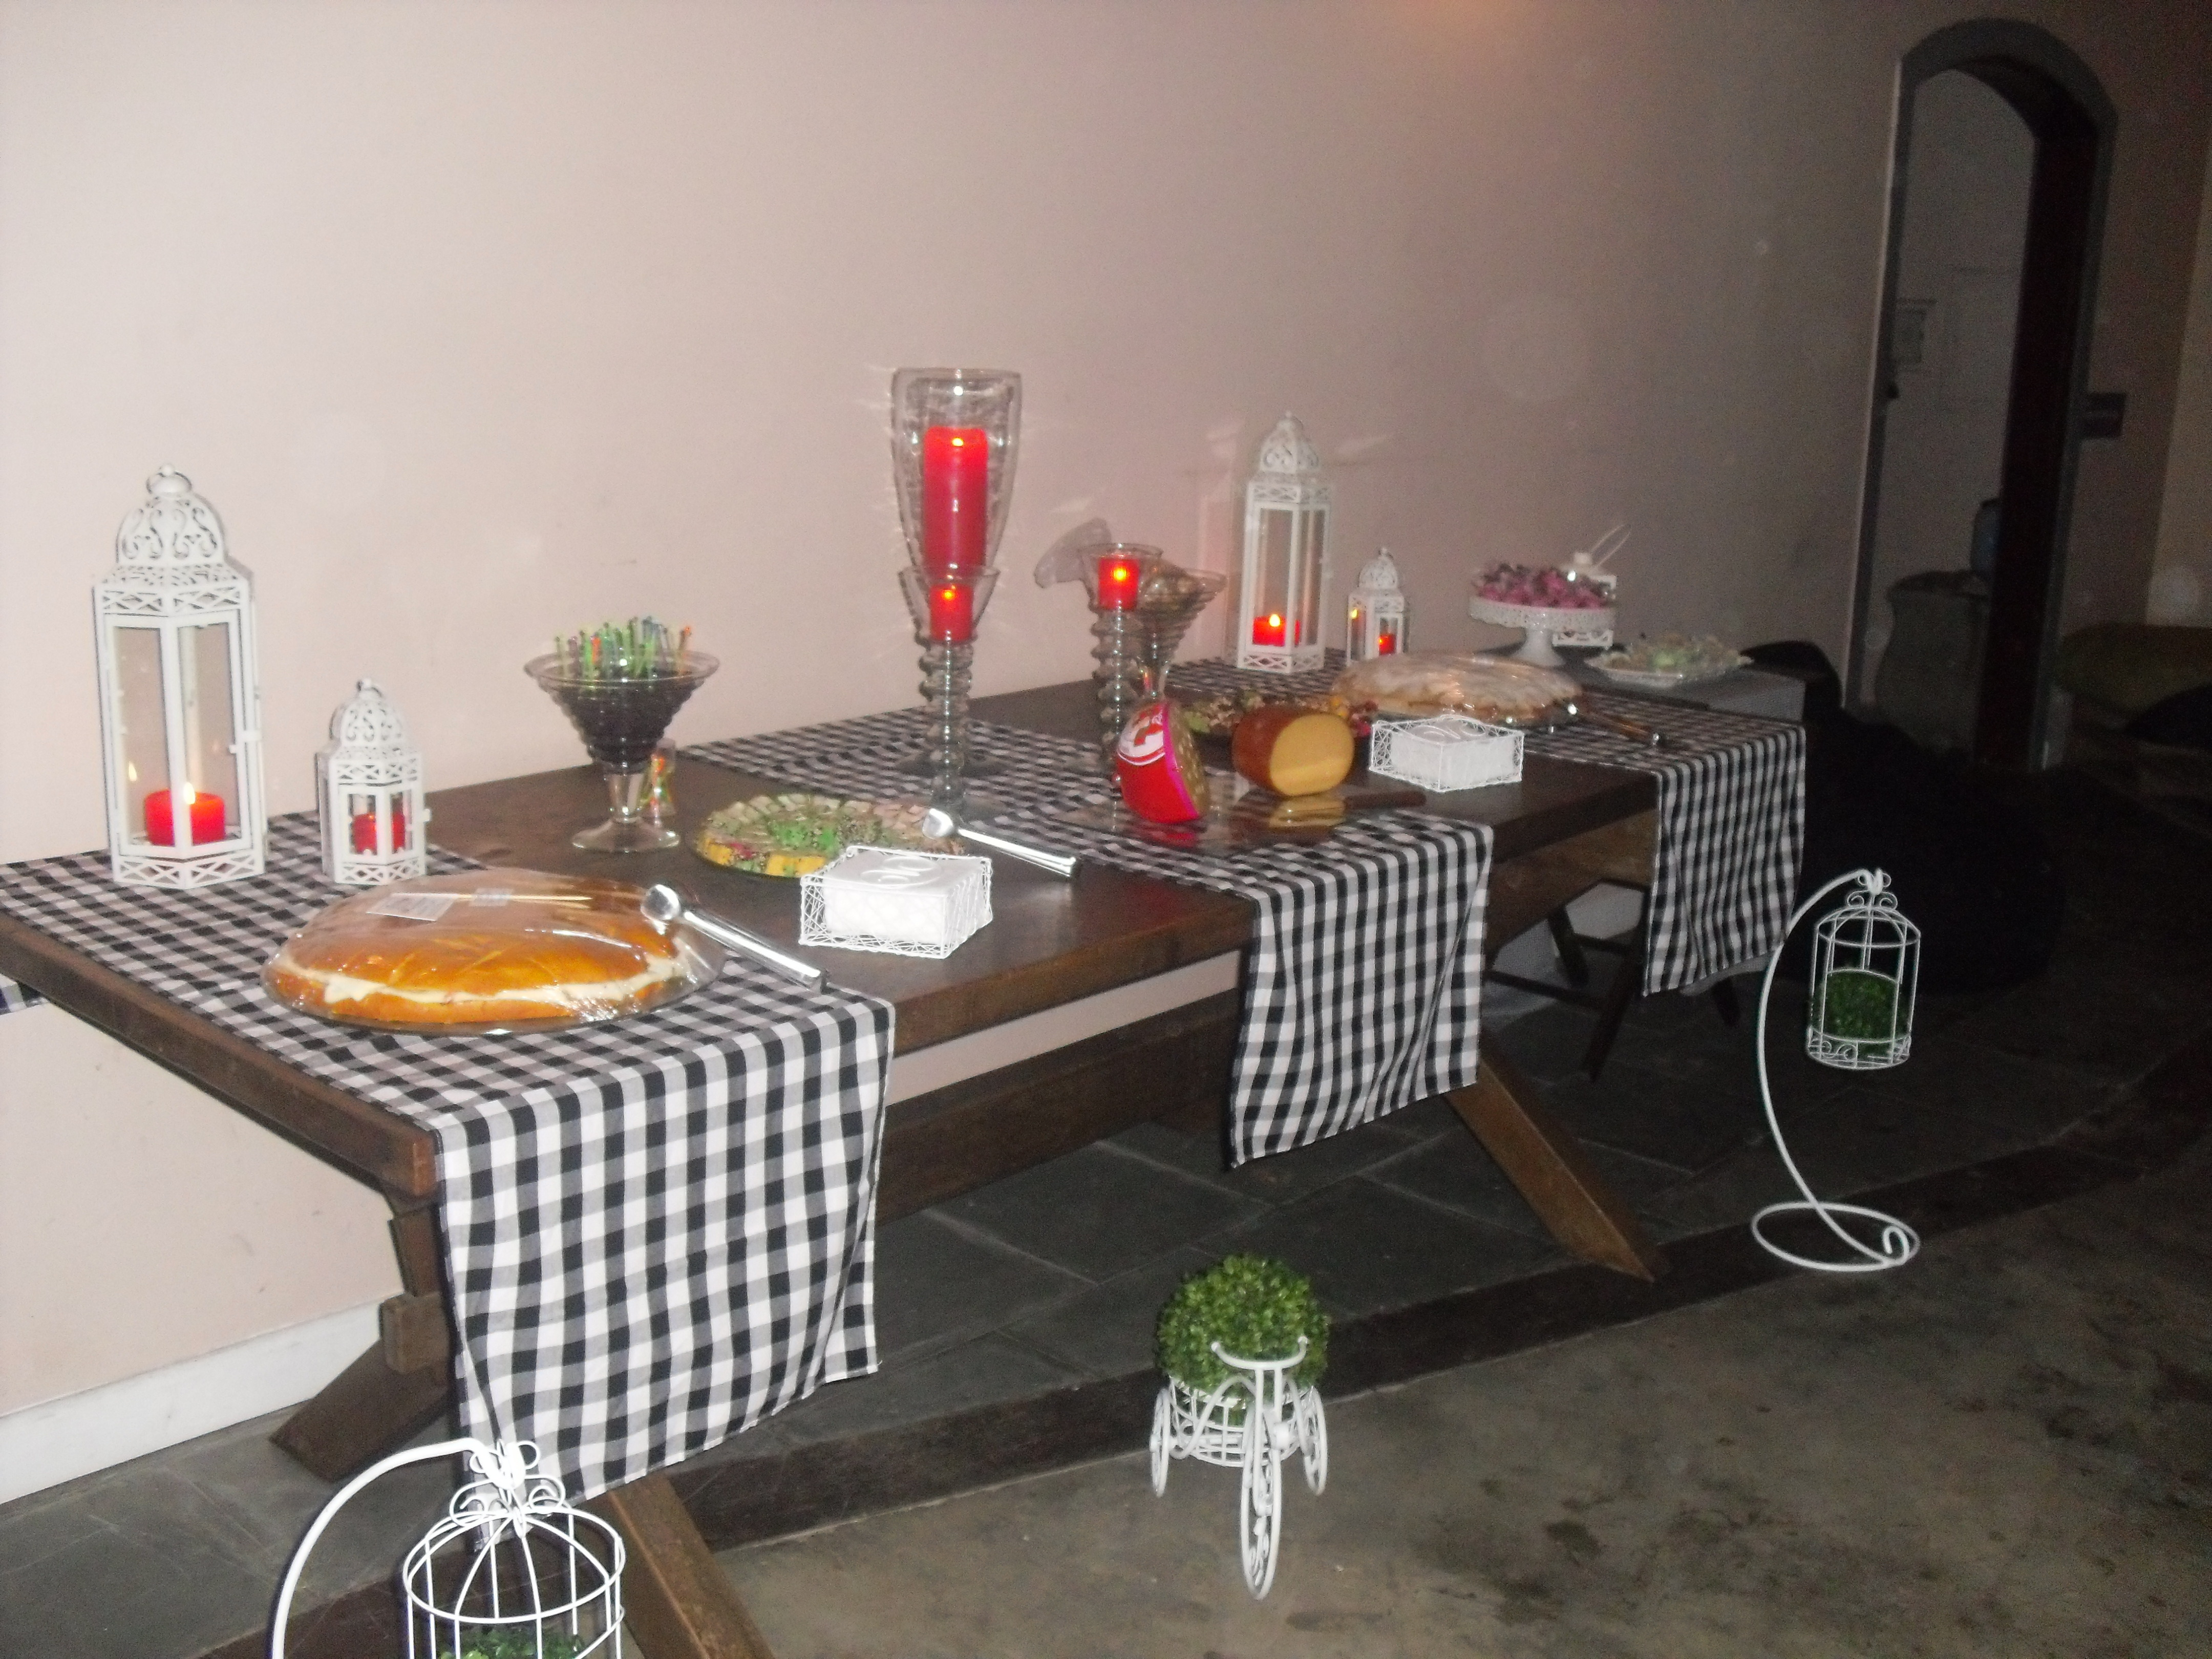 decoracao festa rustica:festa-casa-no-morumbi-provencal festa-casa-no-morumbi-provencal